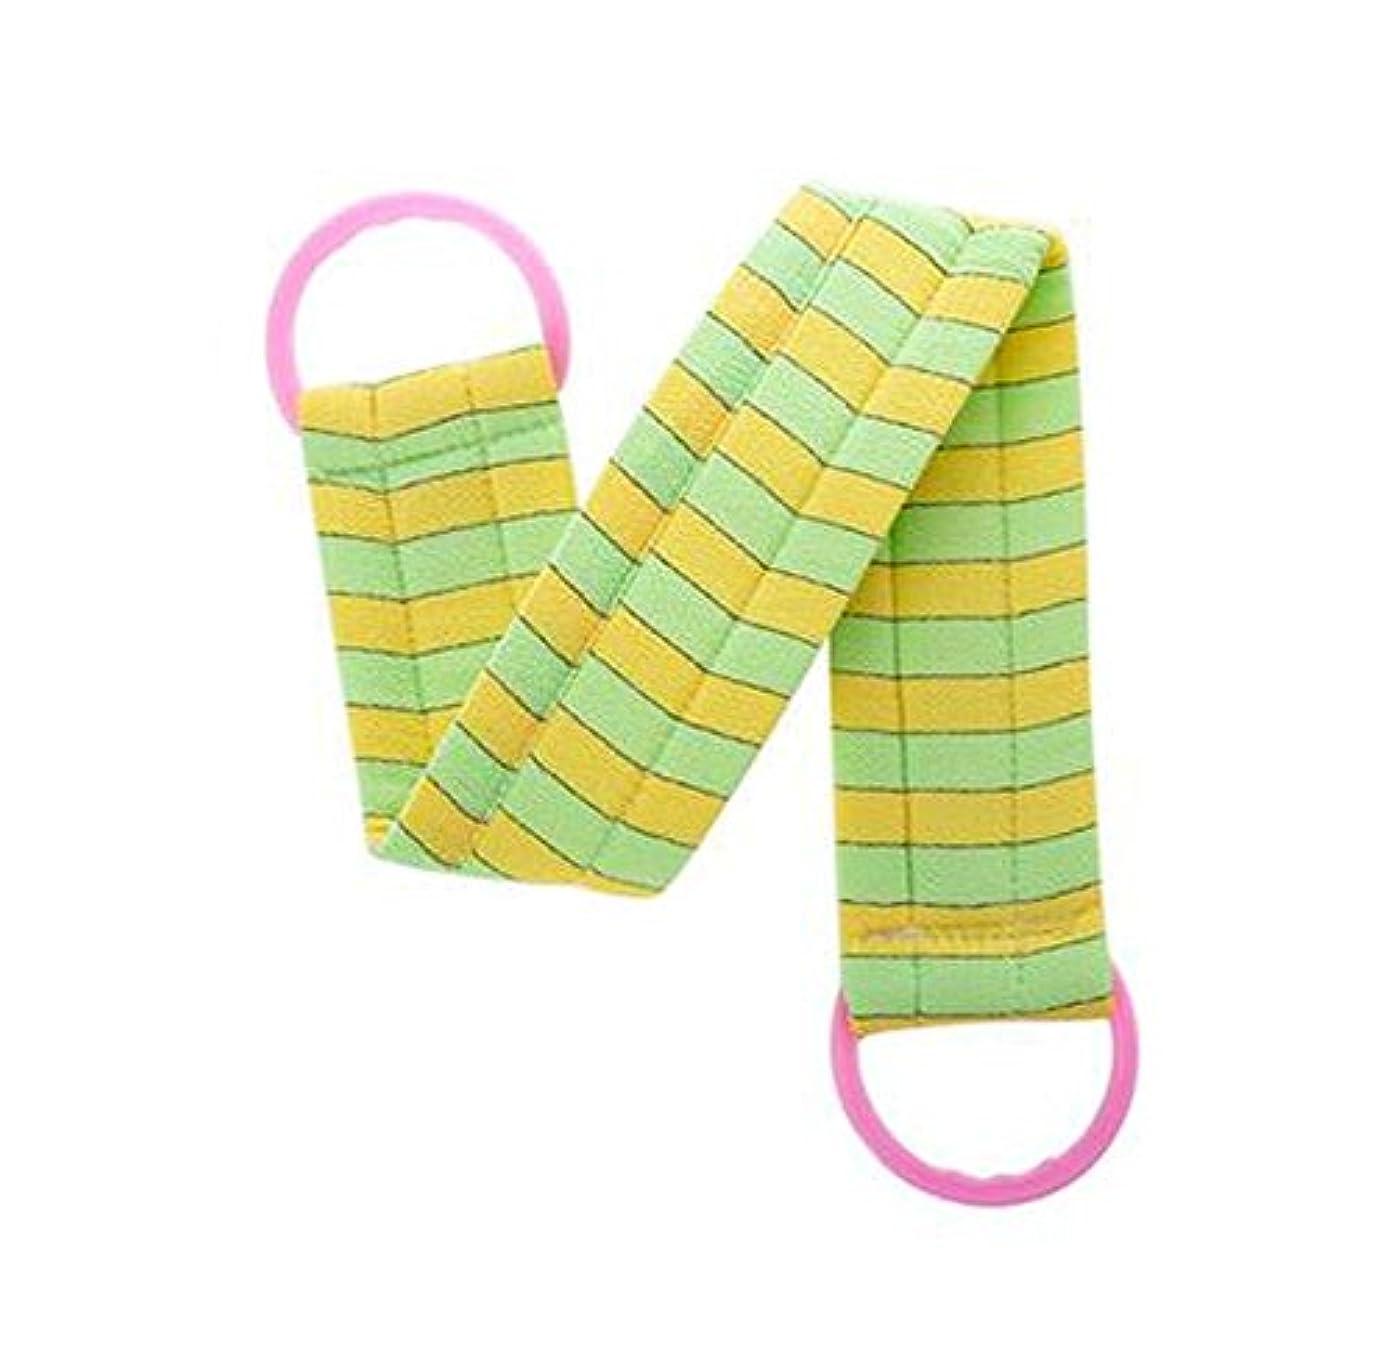 一杯従来の動脈2枚のボディクリーニングのバスベルトタオル剥離するバスベルト、緑および黄色